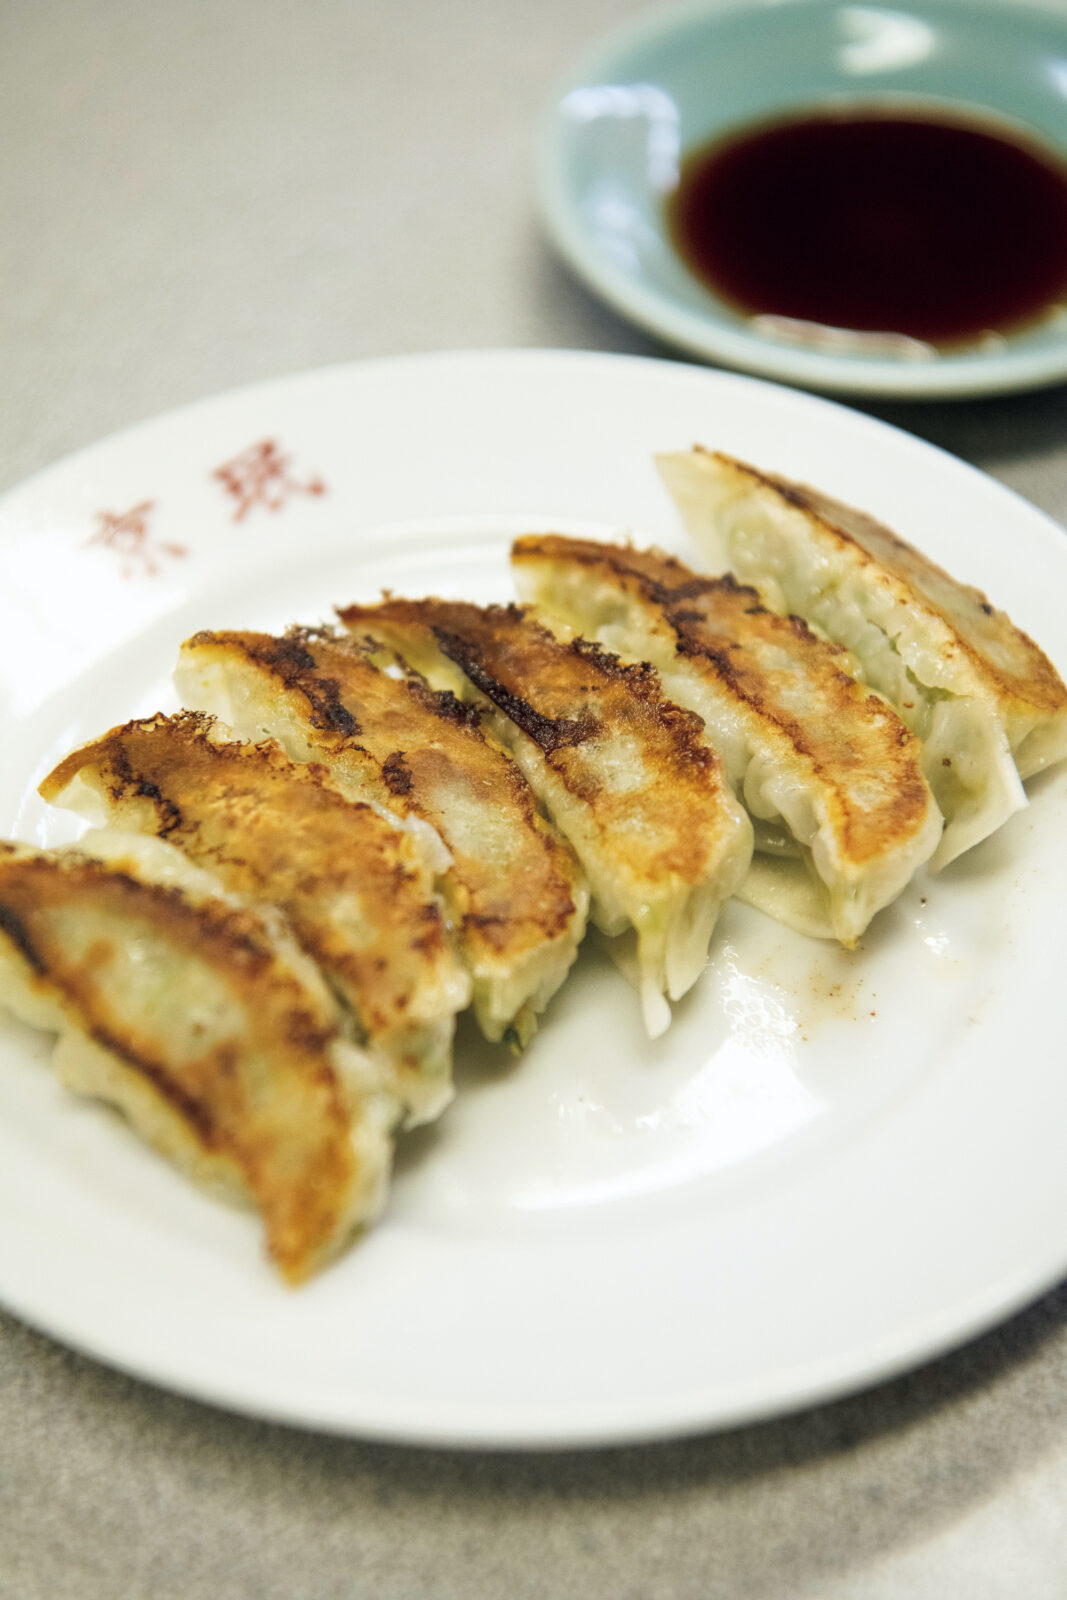 焼き目はカリッと、腹はぽってりふわふわの焼き餃子¥320。